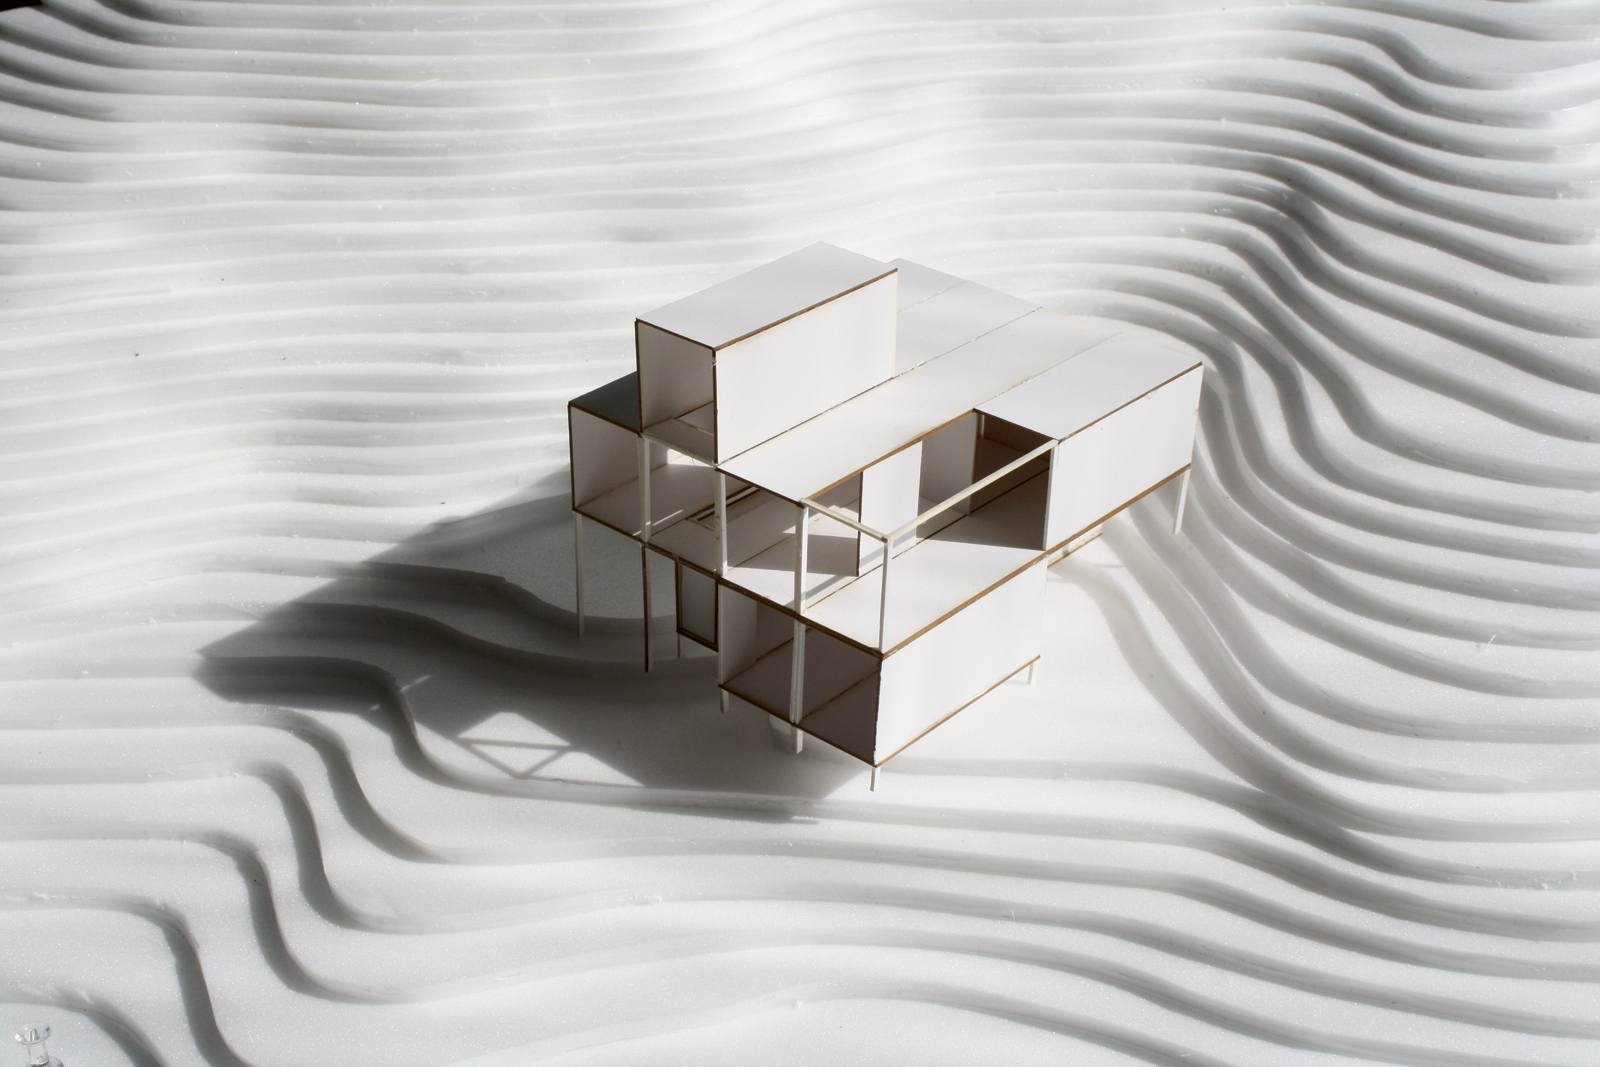 Inredning kalkyl bygga hus : Här byggs Sveriges första containerhus | ETC